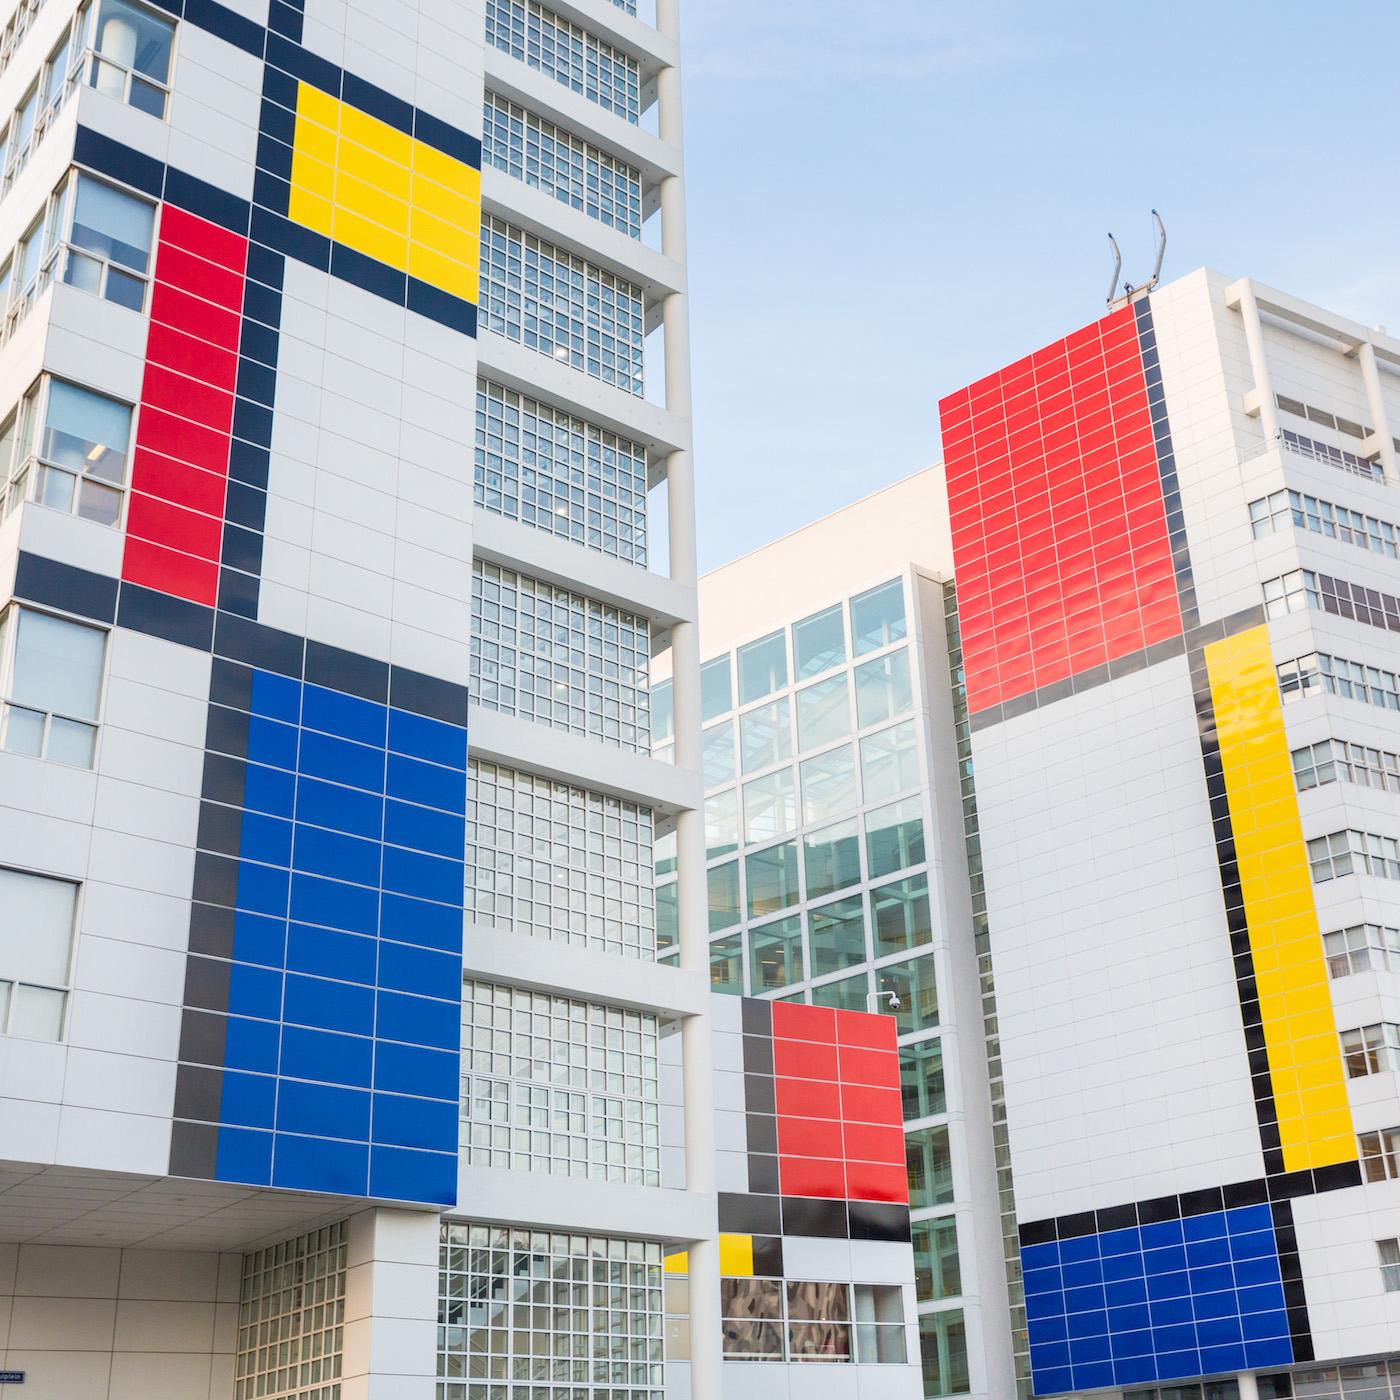 Imbalanced Building Design